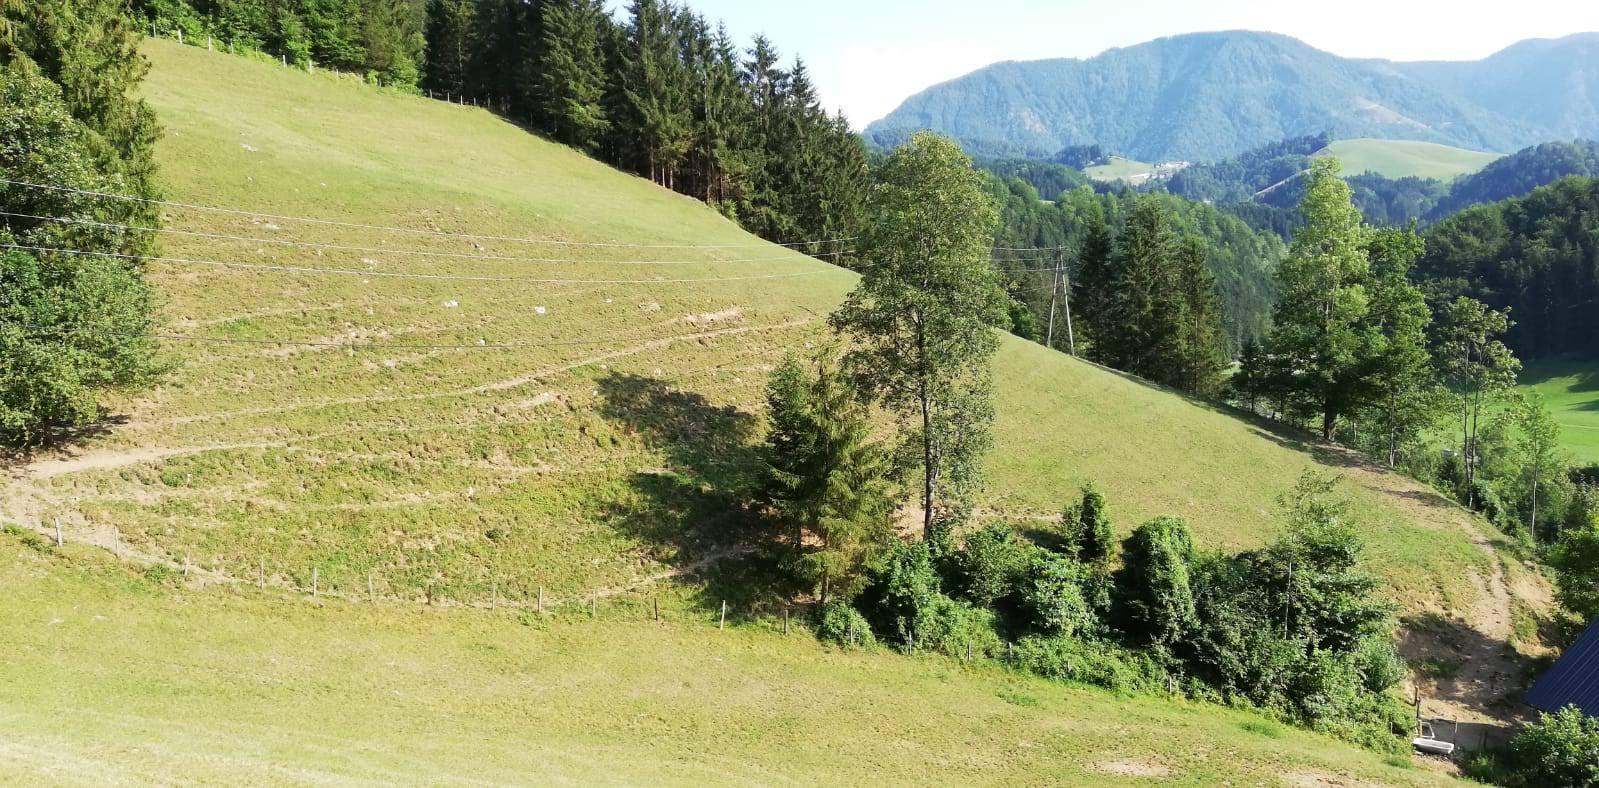 blaimauer-trockenheit-wiesenschu00e4den-whatsapp-image-2019-07-26-at-17.35.52